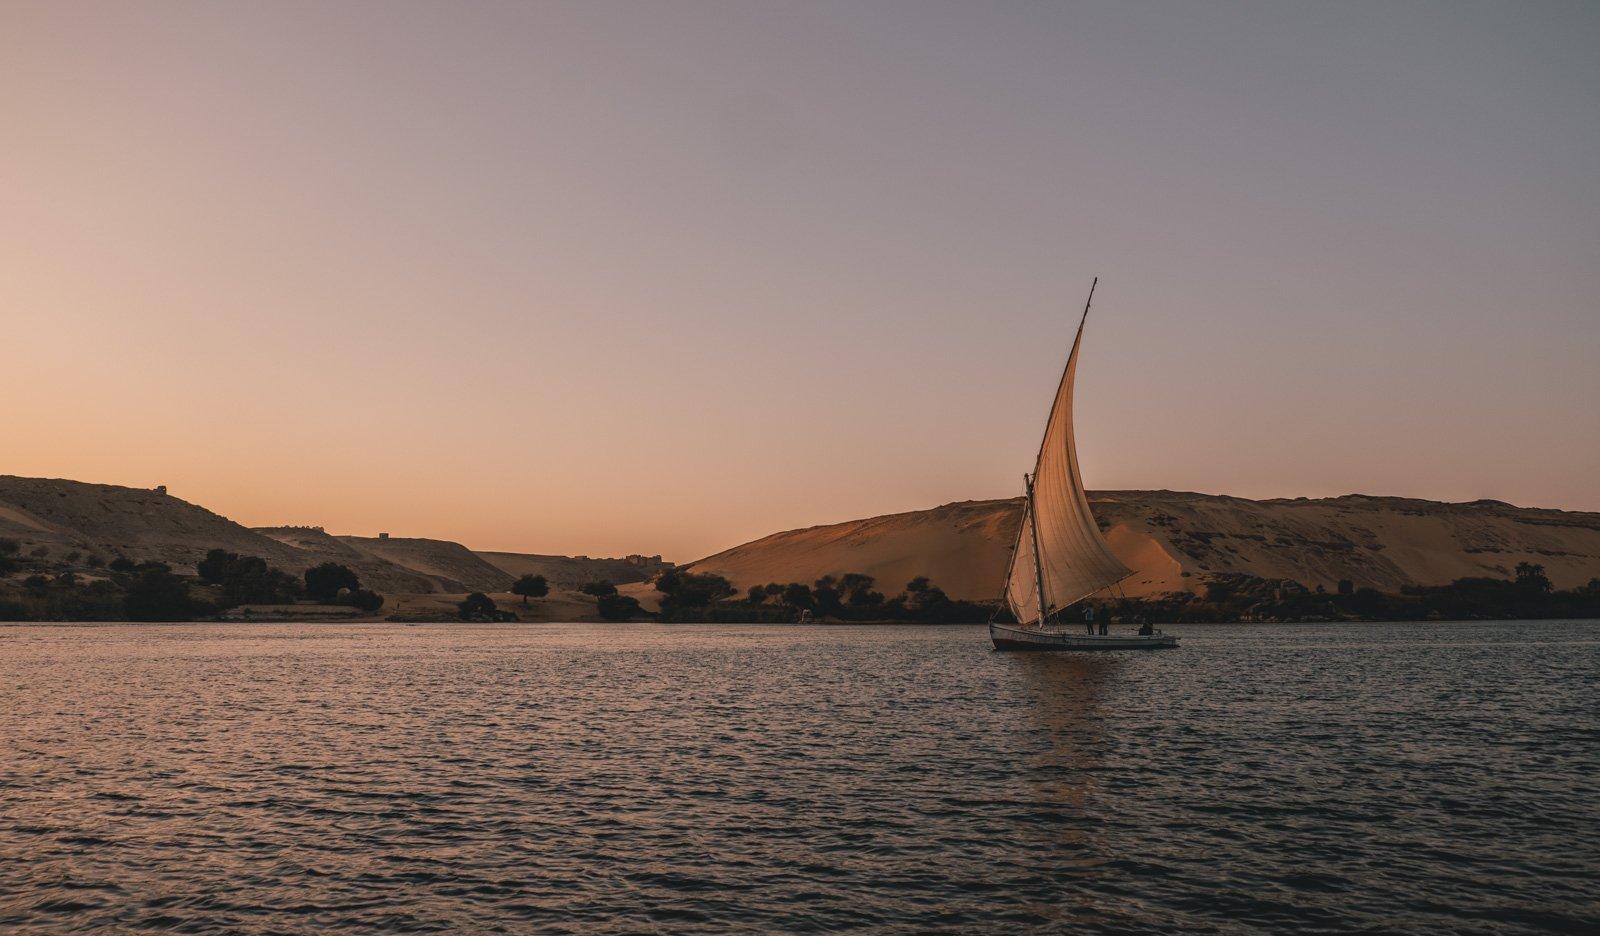 Barco local del Nilo Pequeño en Egipto